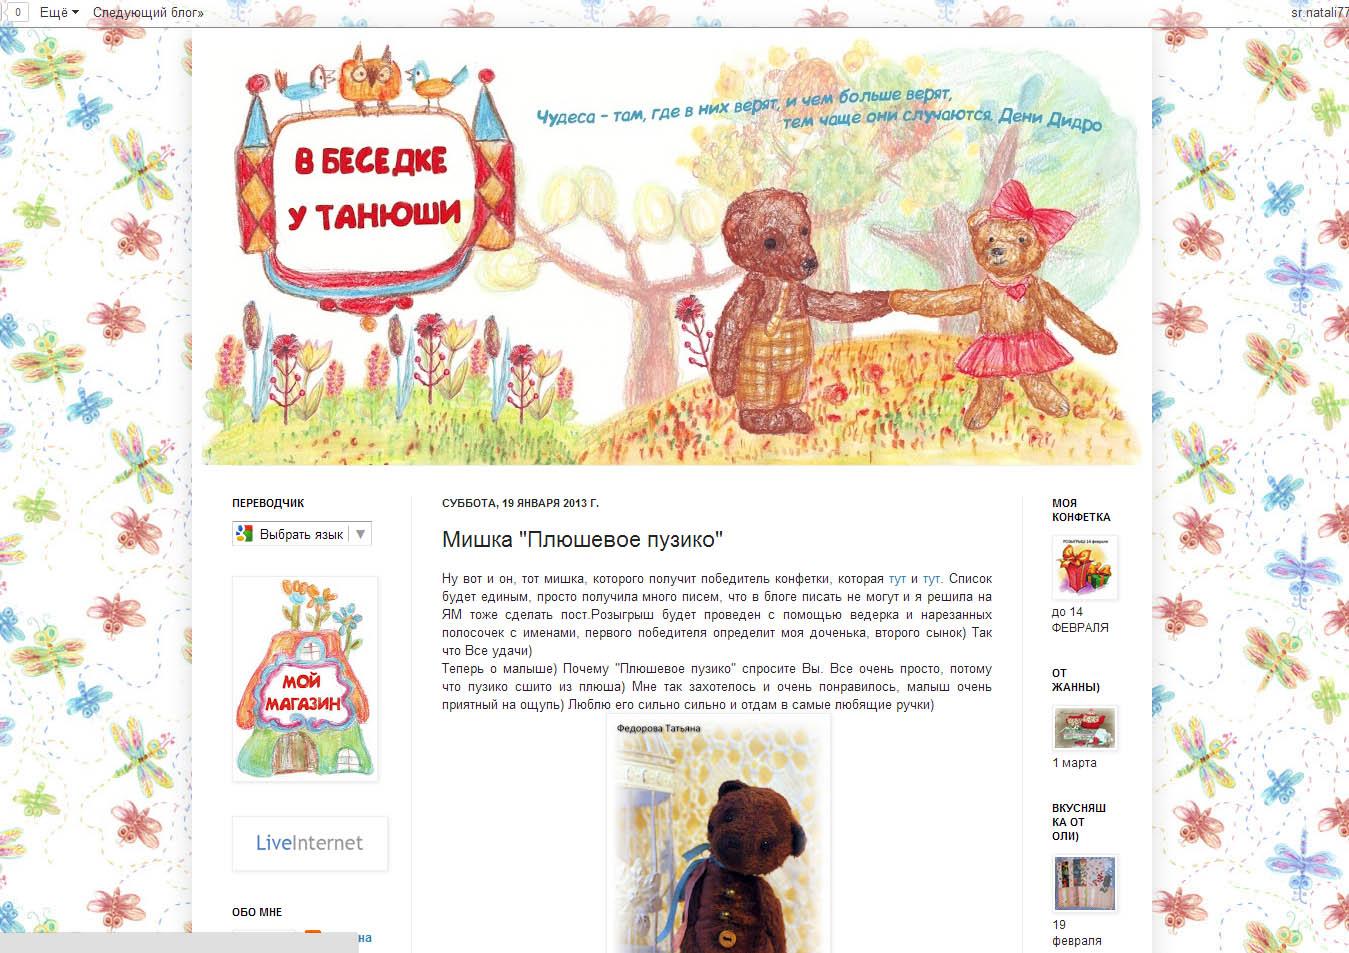 Подарки на новый год 2012 Жизнь с радостью 418